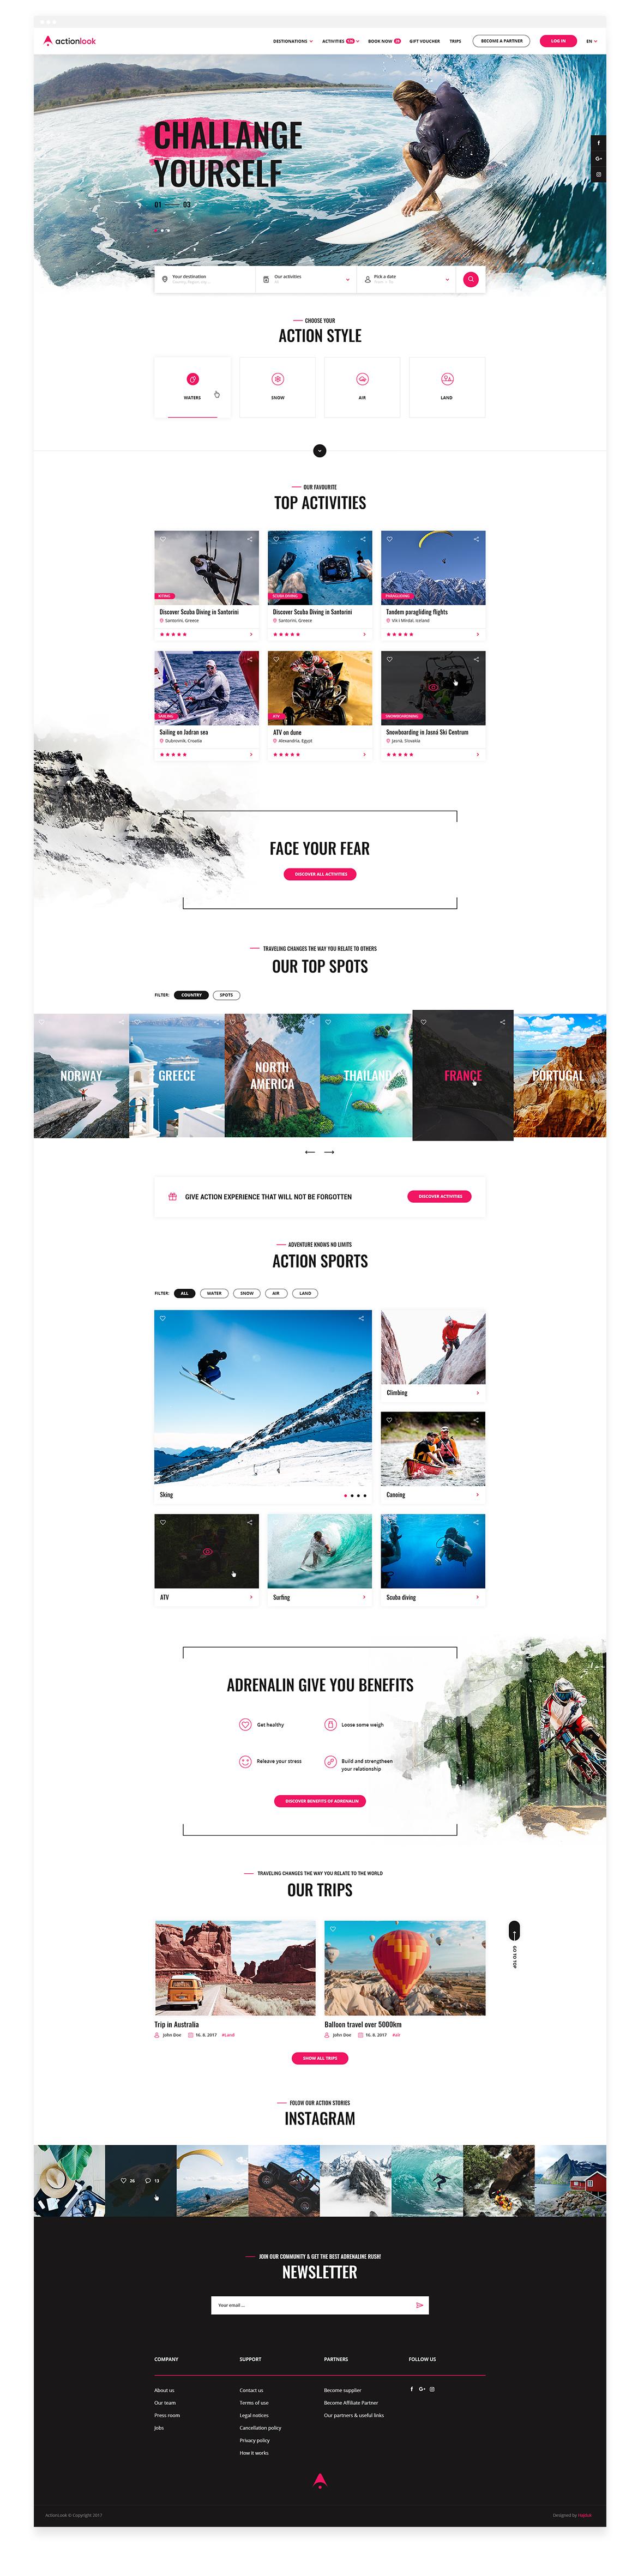 ActionLook_webdesign_hp